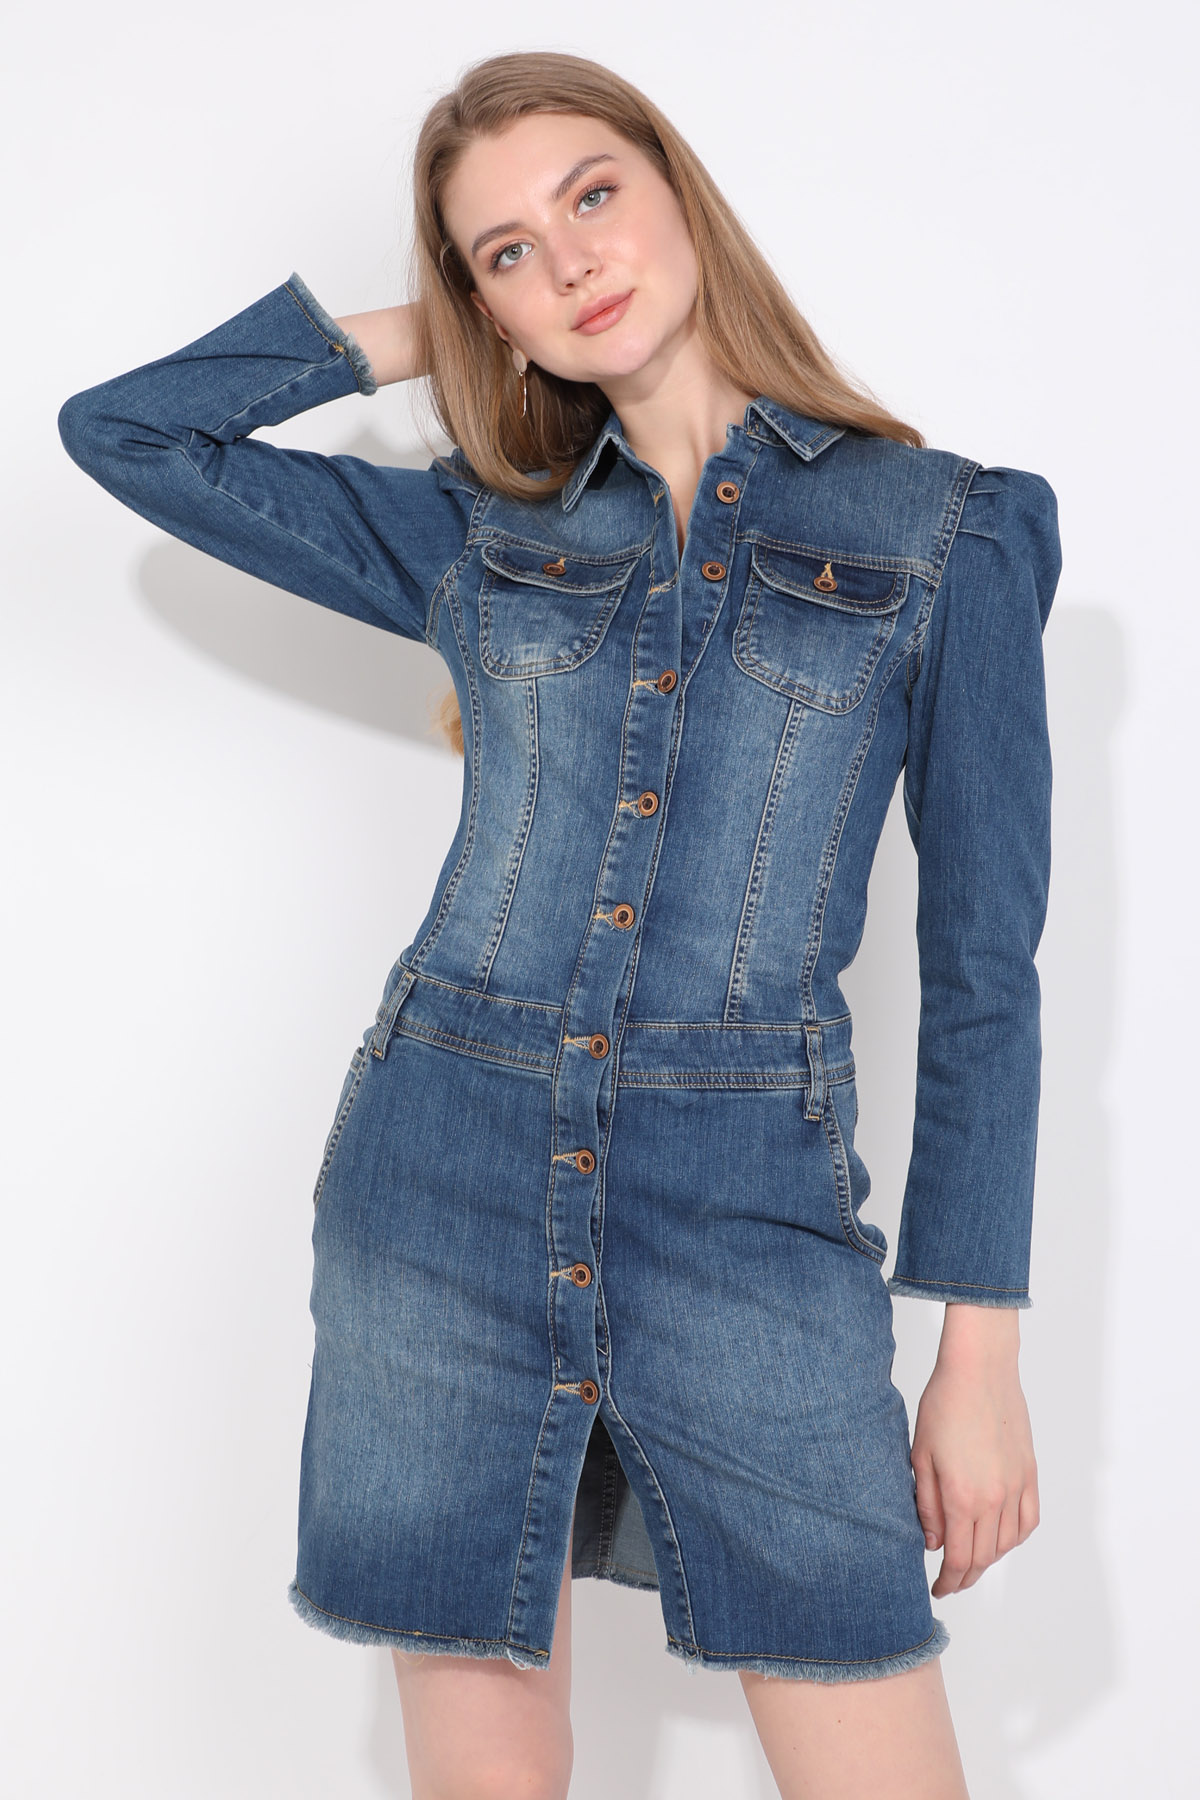 Kadın Mavi Düğmeli Kolu Pile Detaylı Jean Elbise